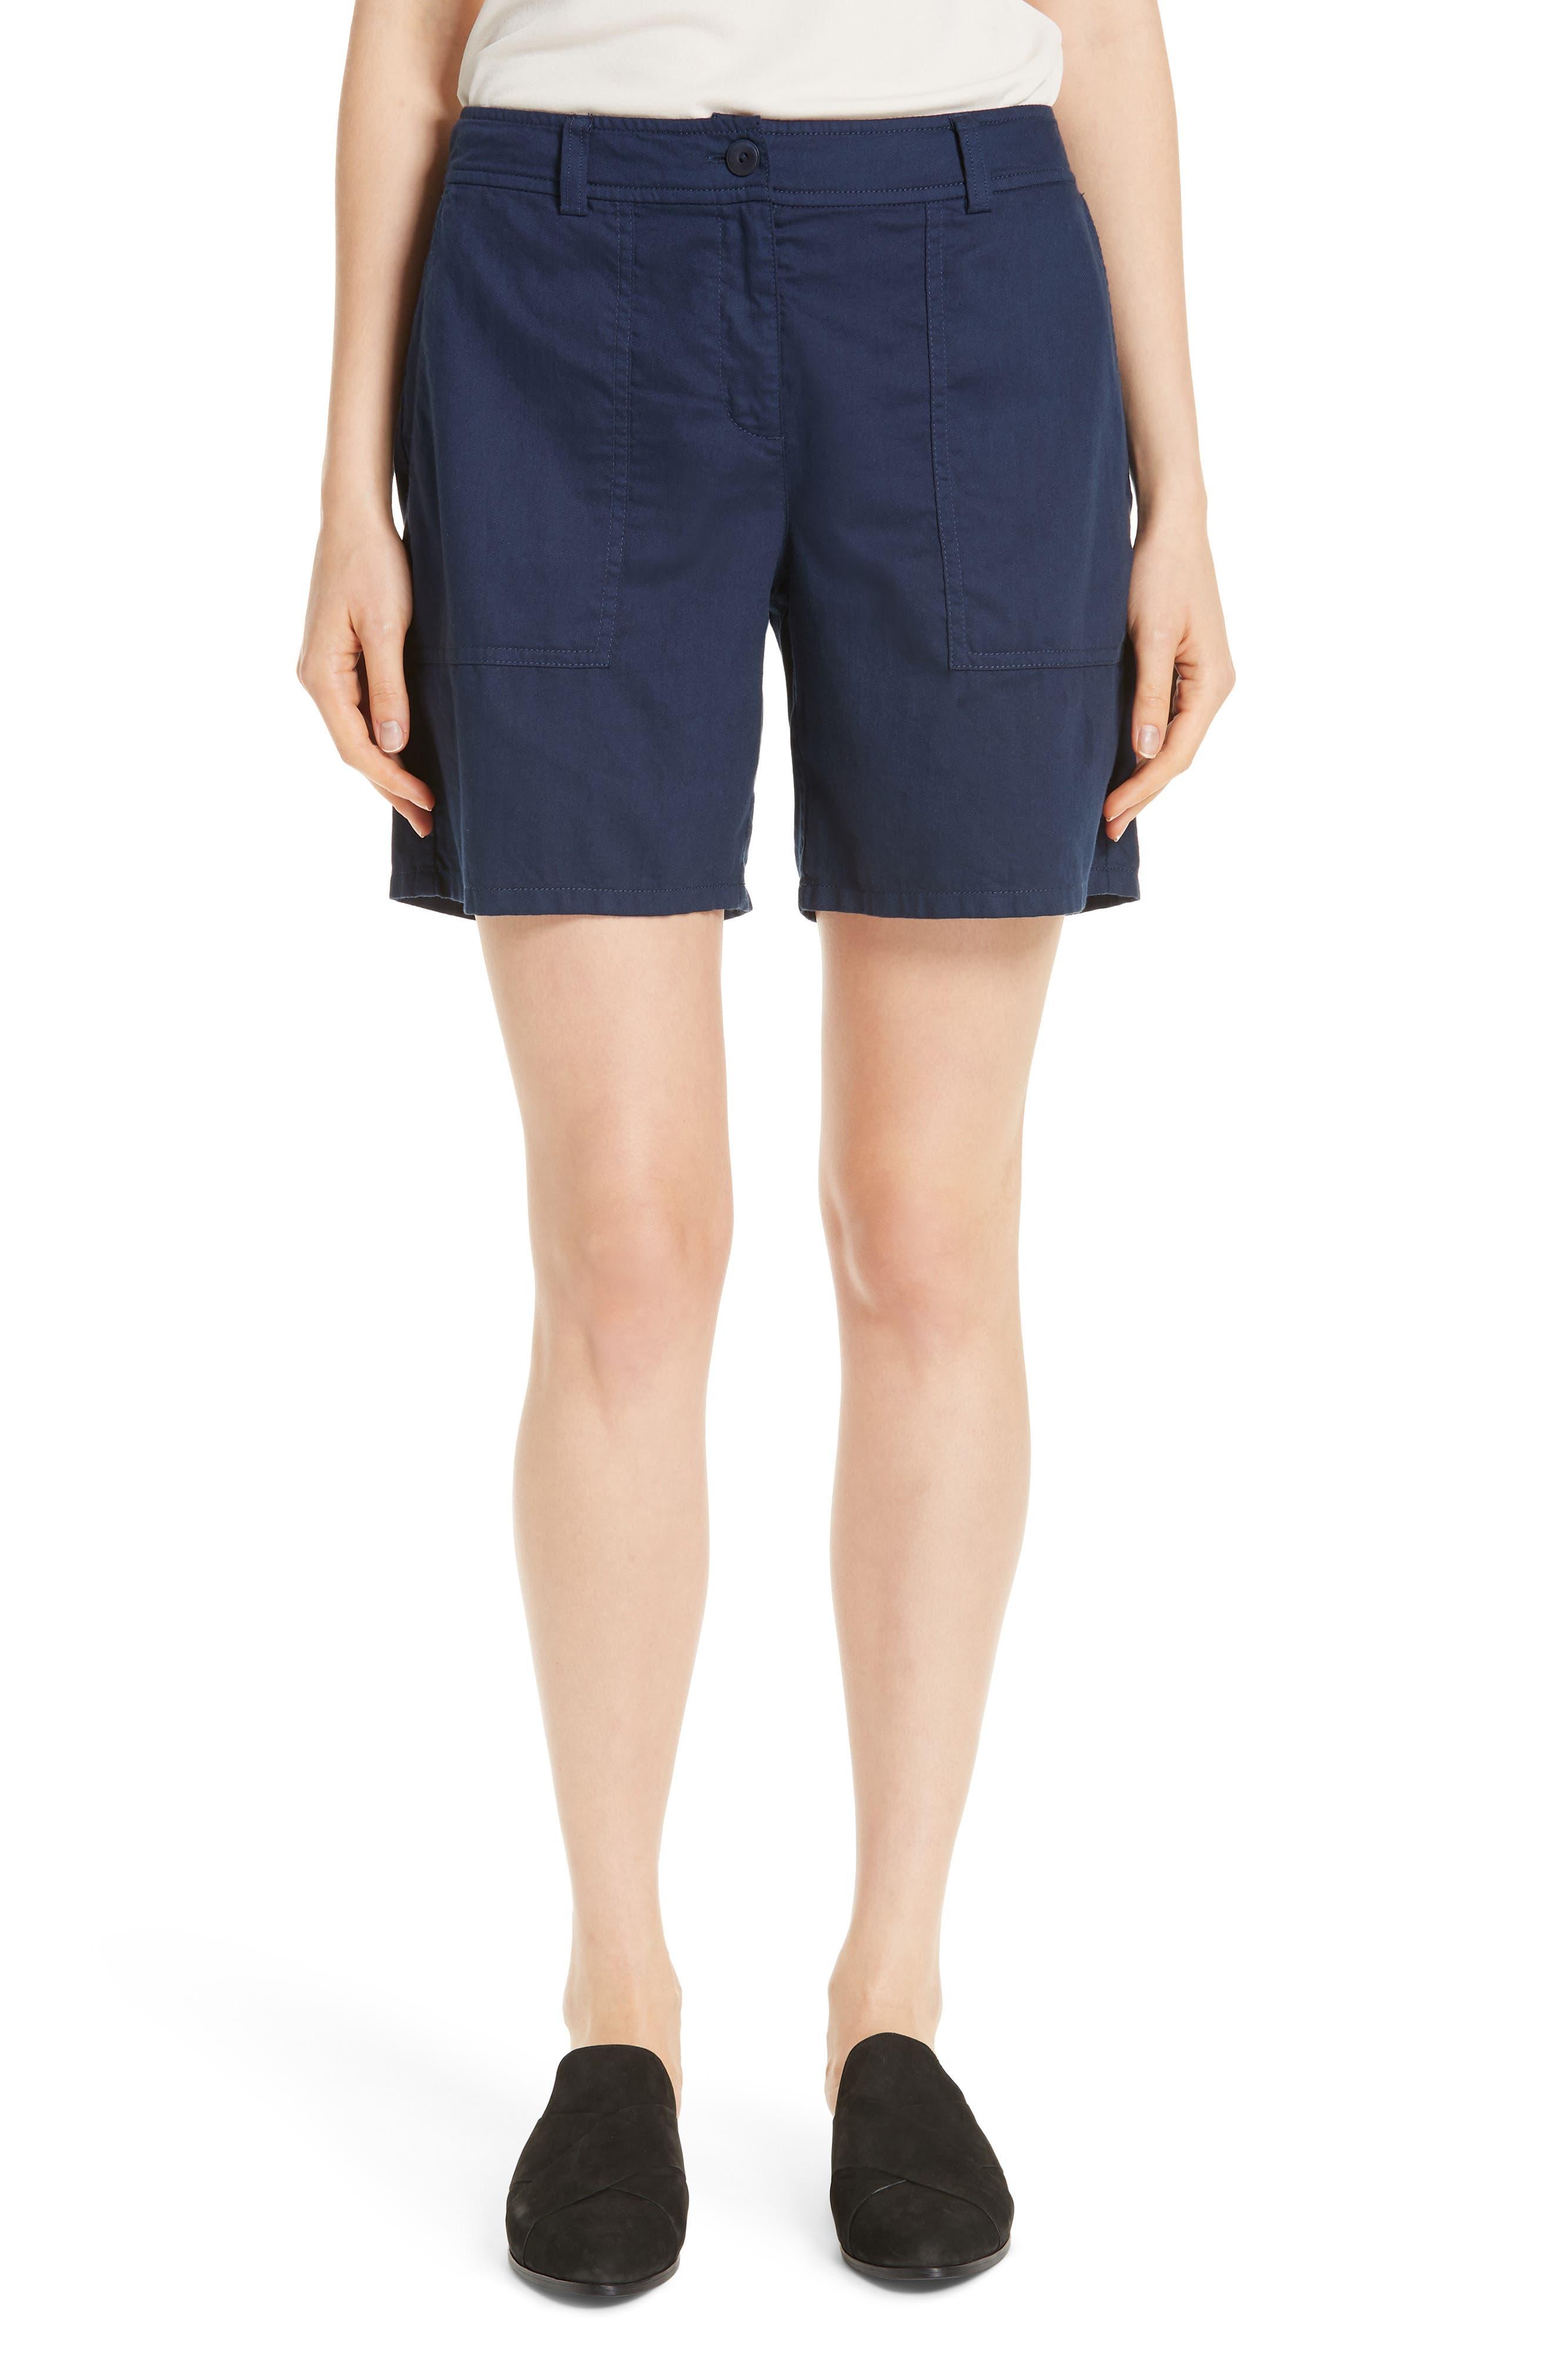 Organic Cotton Walking Shorts,                             Main thumbnail 1, color,                             INDIGO